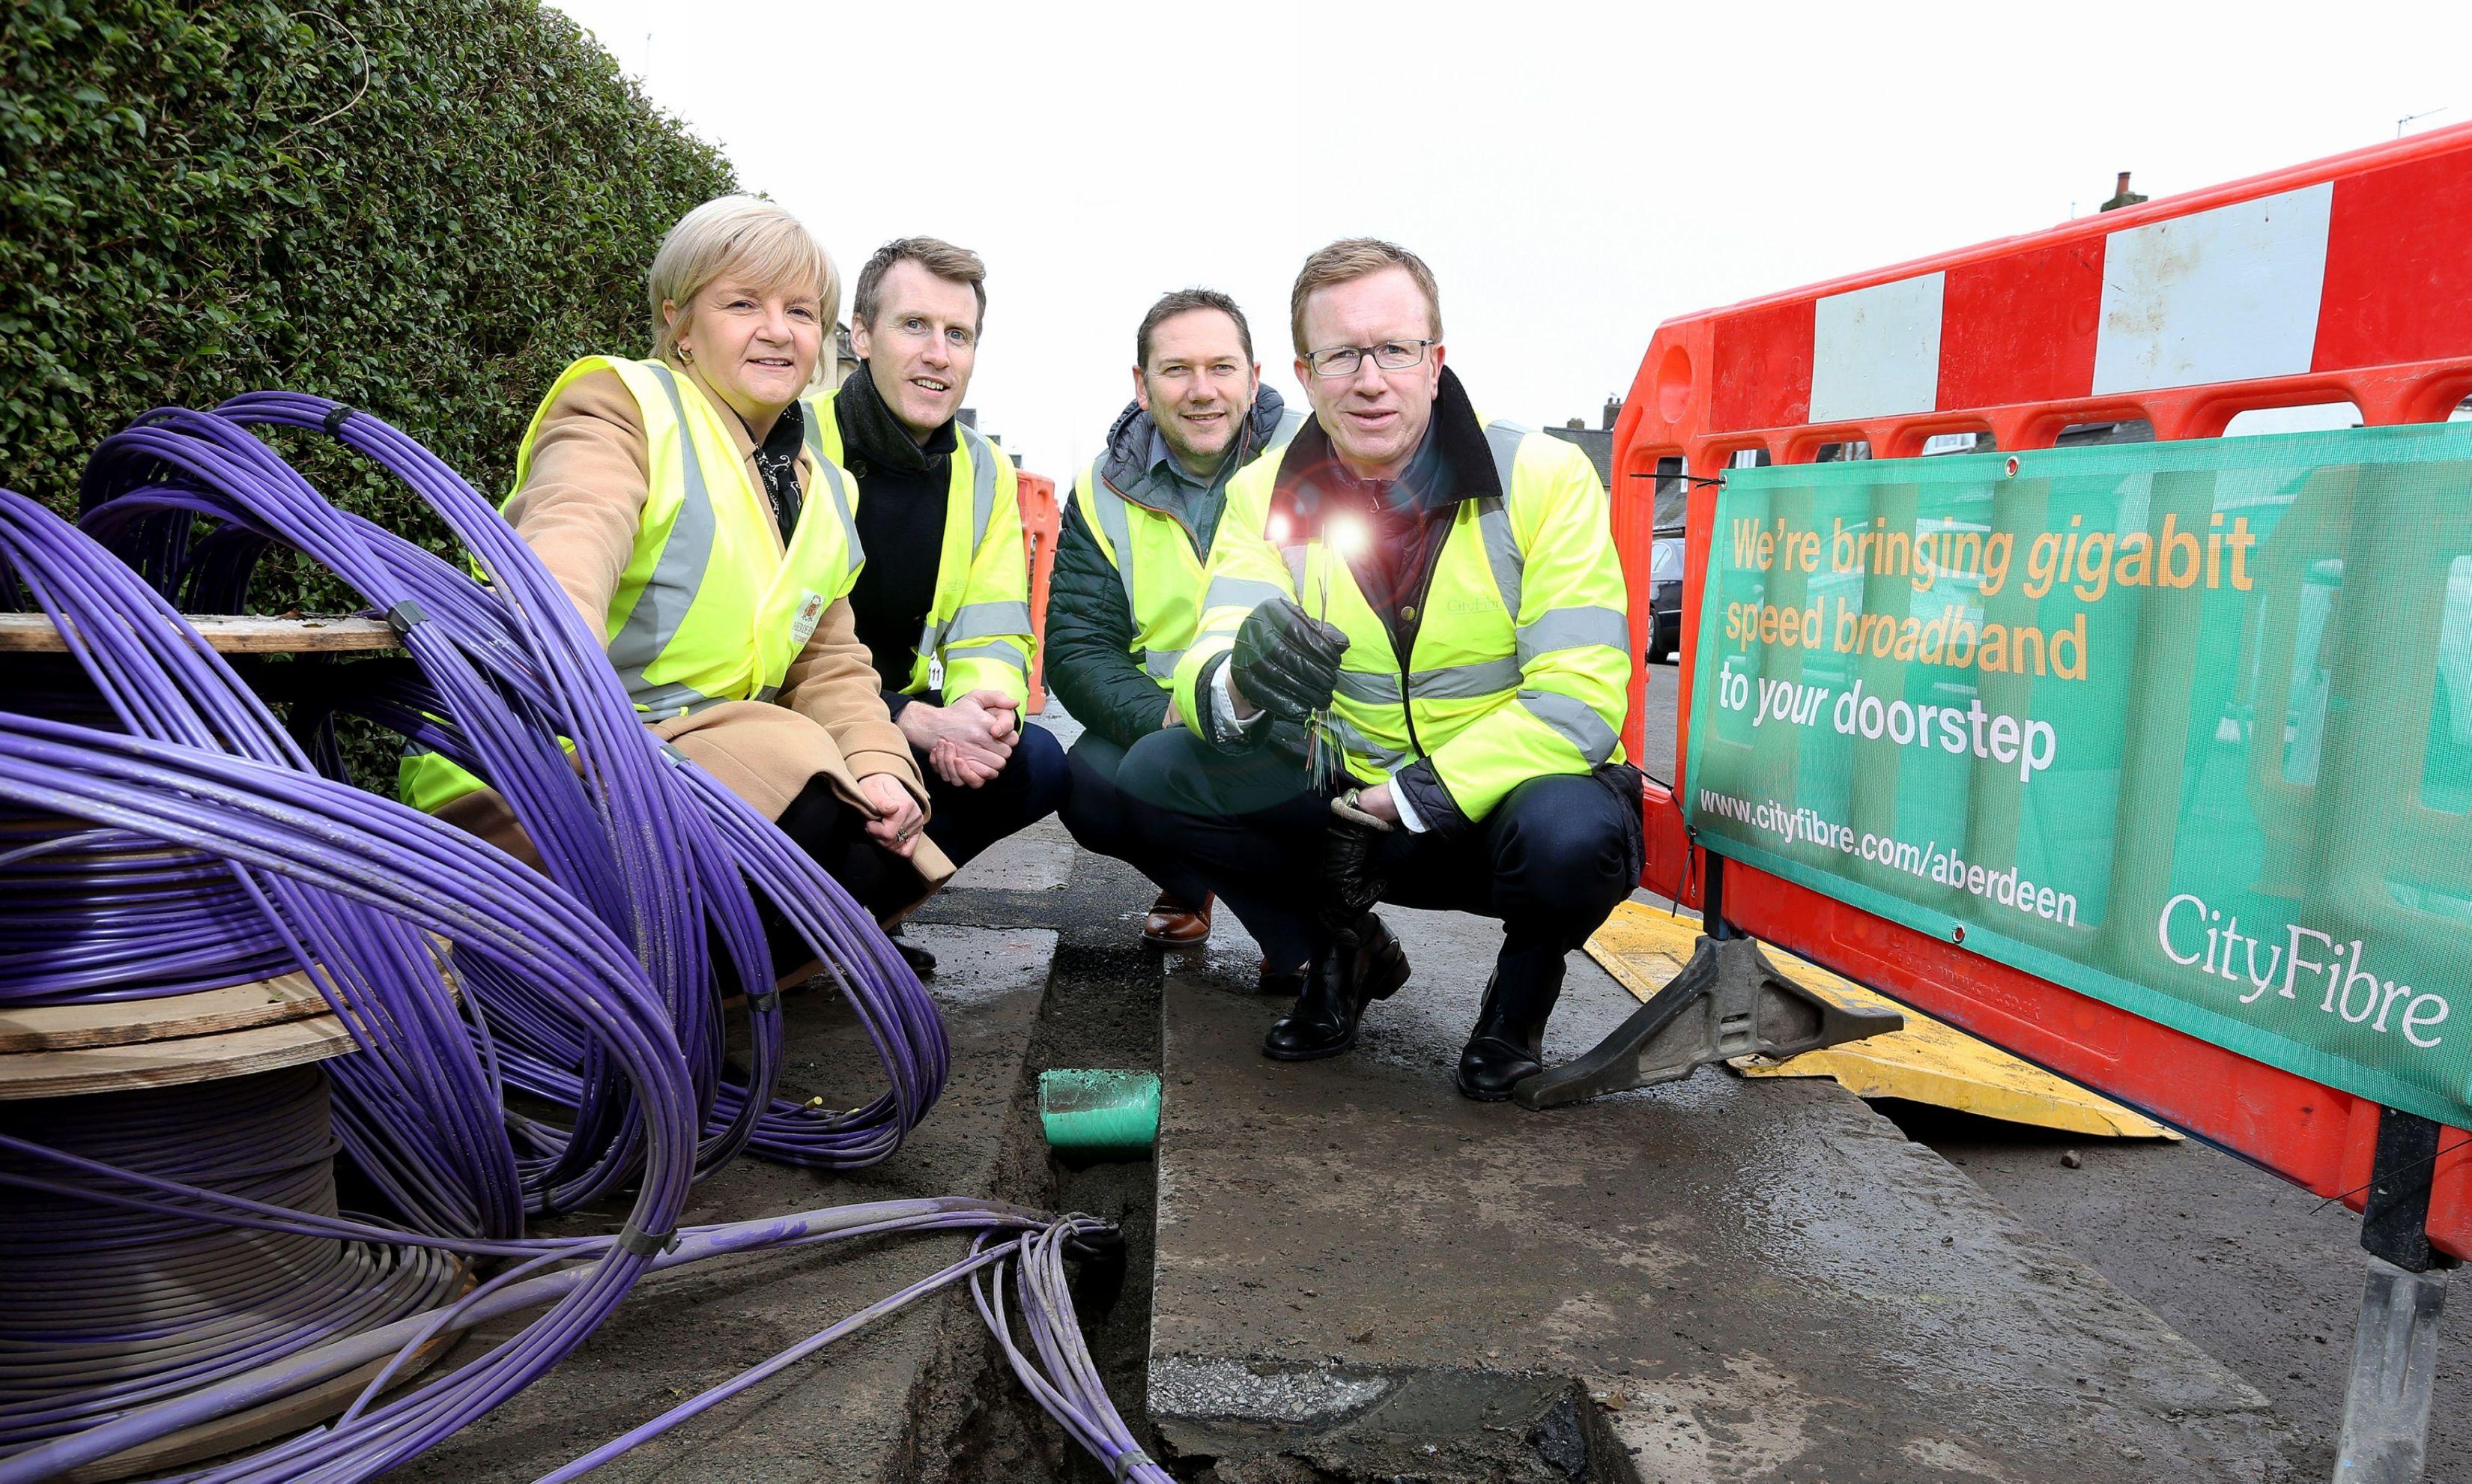 Councillor Jenny Laing, Allan McEwan, CityFibre Councillor Douglas Lumsden, Rob Hamlin